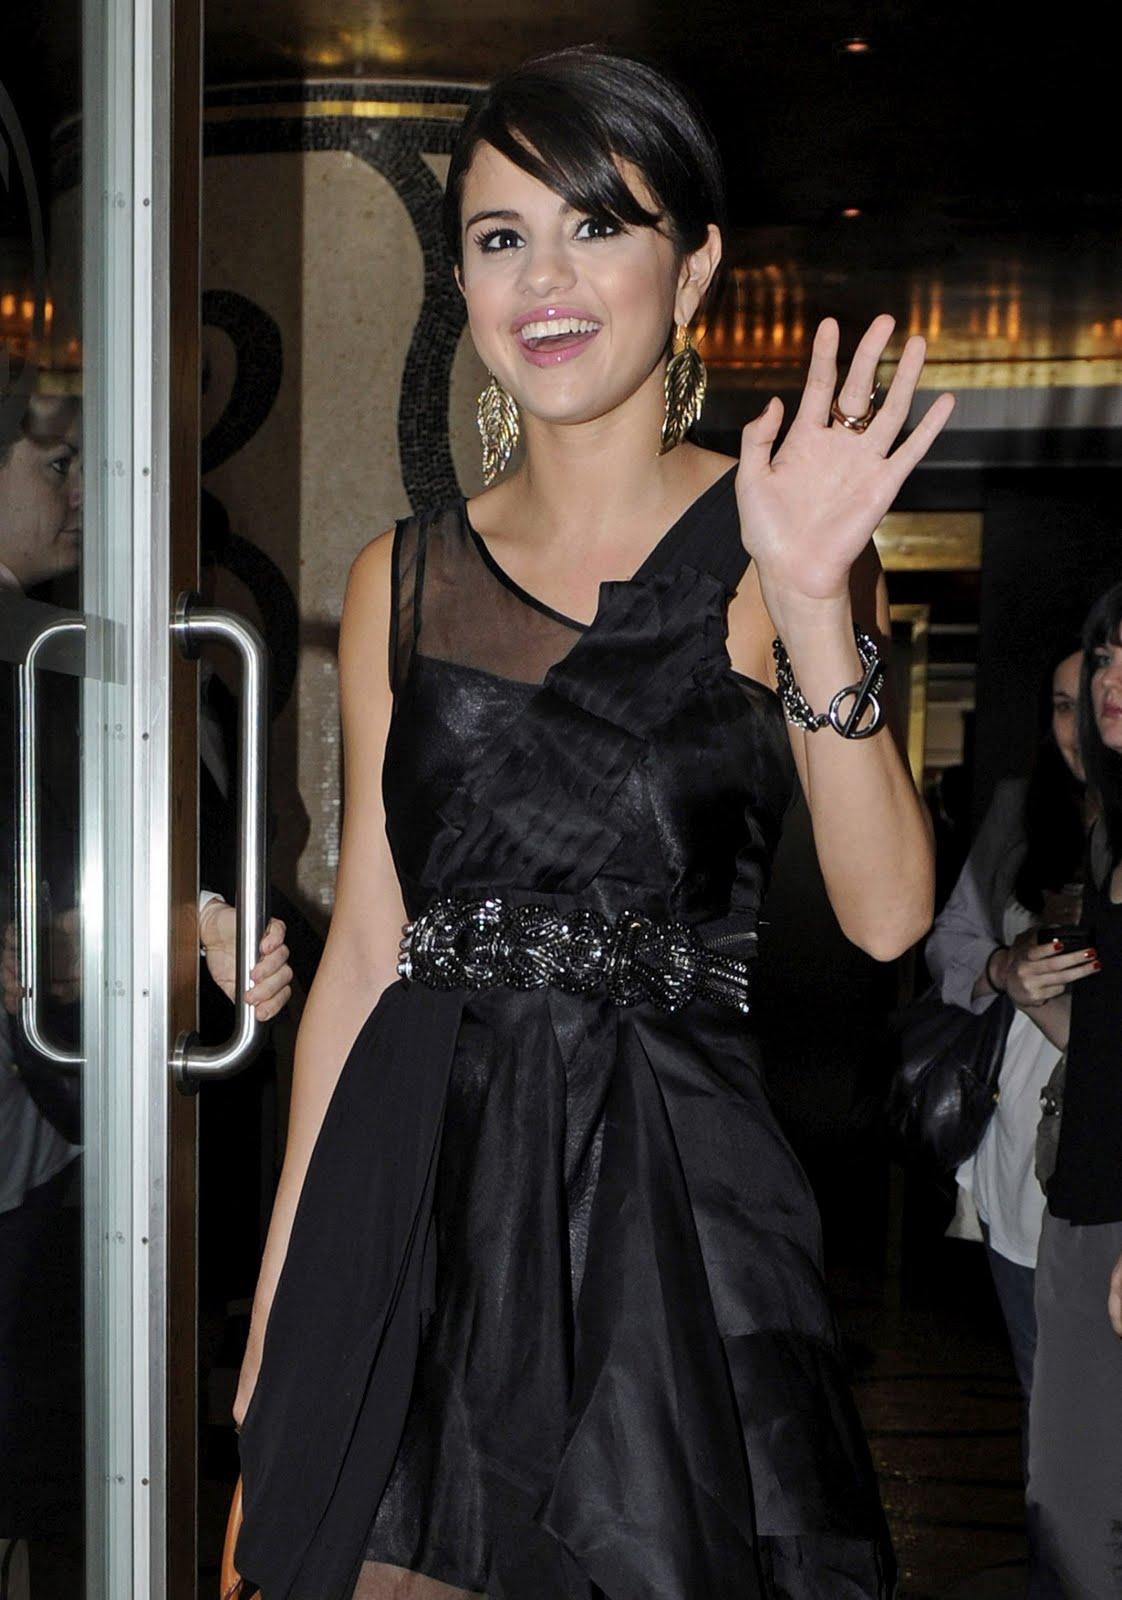 http://1.bp.blogspot.com/-u-tMwuJK5o0/ThSRdHQOwDI/AAAAAAAAAFY/1yYXI7VxbRI/s1600/Selena-Gomez-blackdress-london%2B%25281%2529.jpg